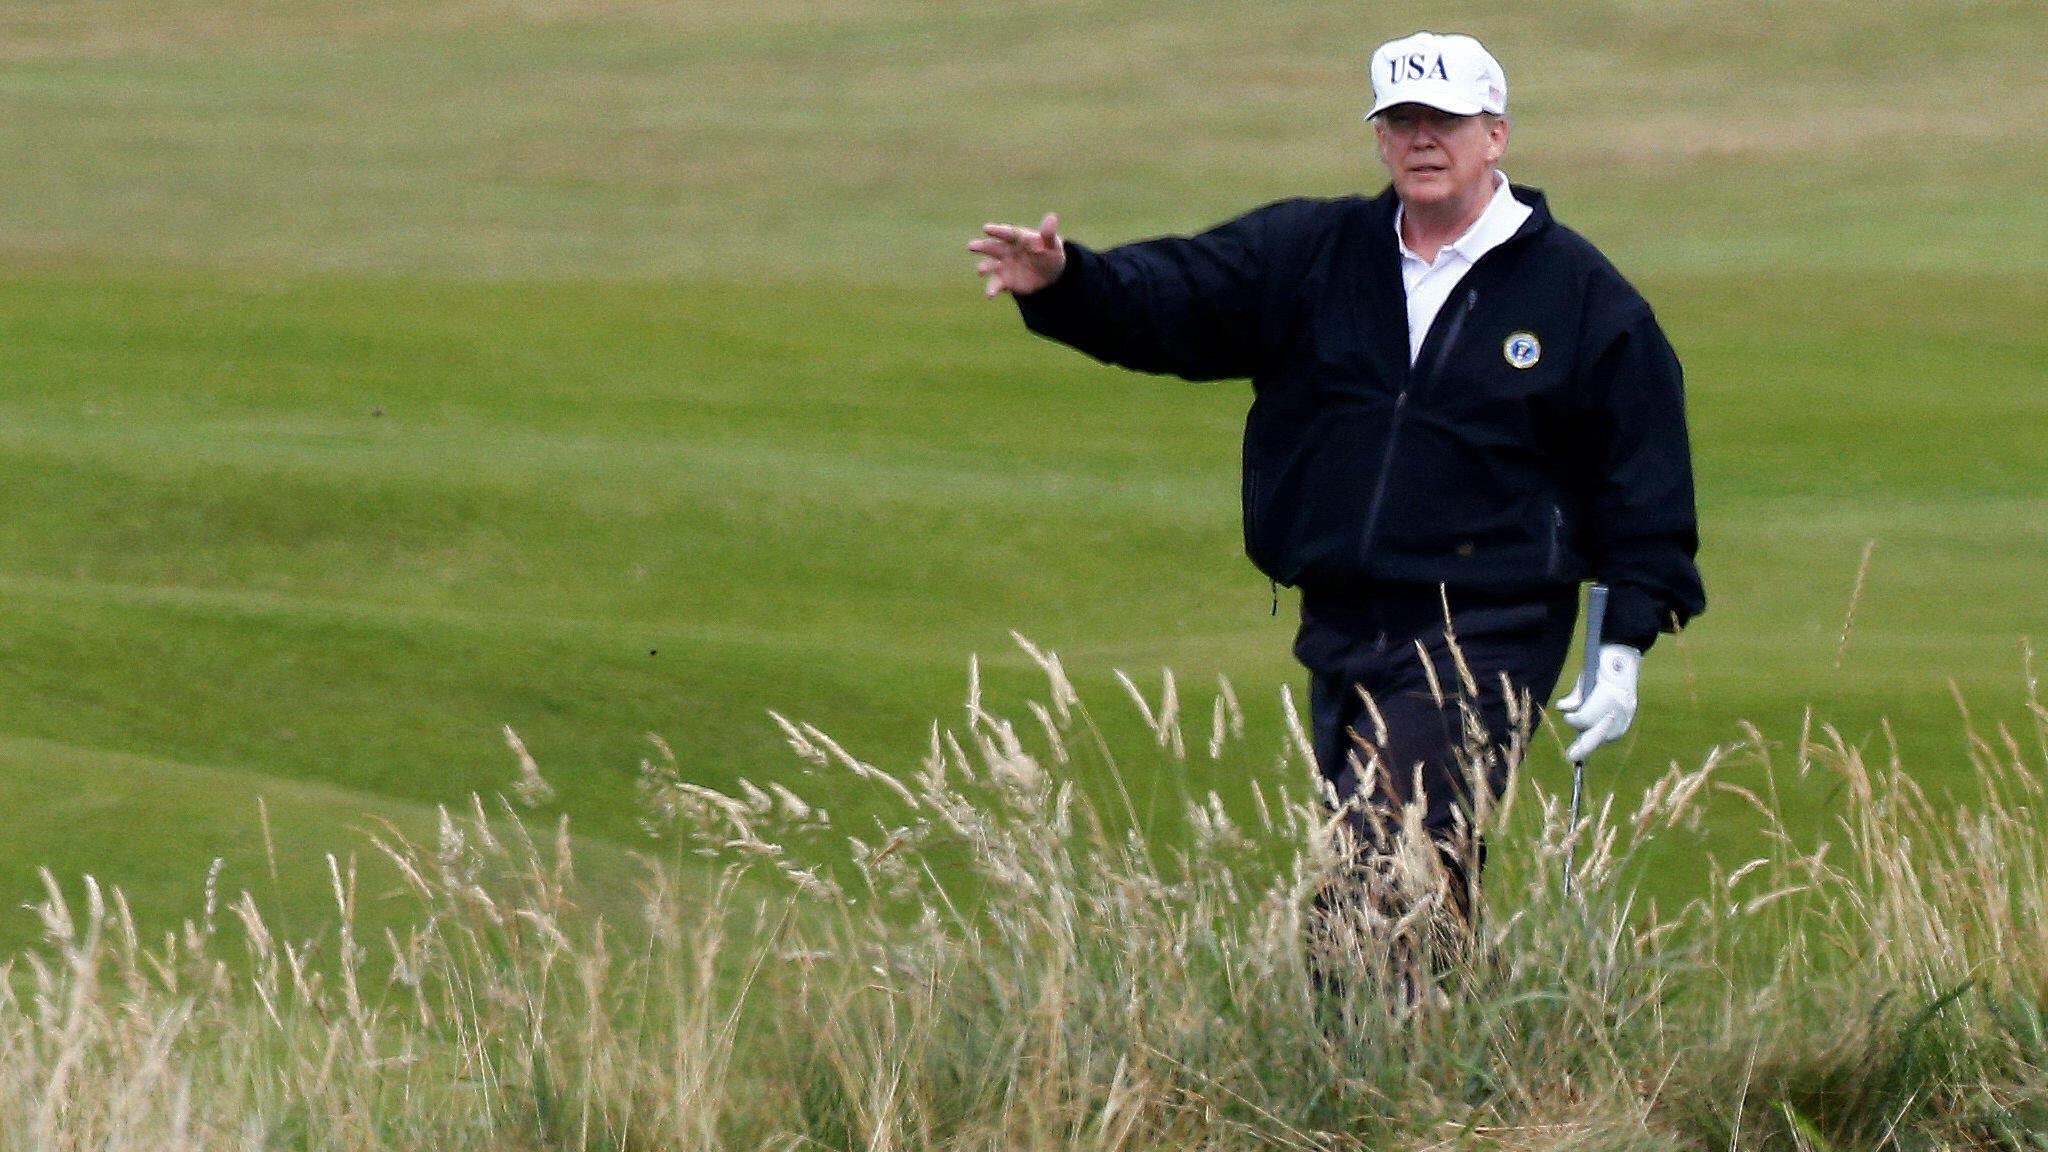 El presidente de EE. UU., Donald Trump, hace un gesto mientras camina en su campo de golf, en Turnberry, Escocia.